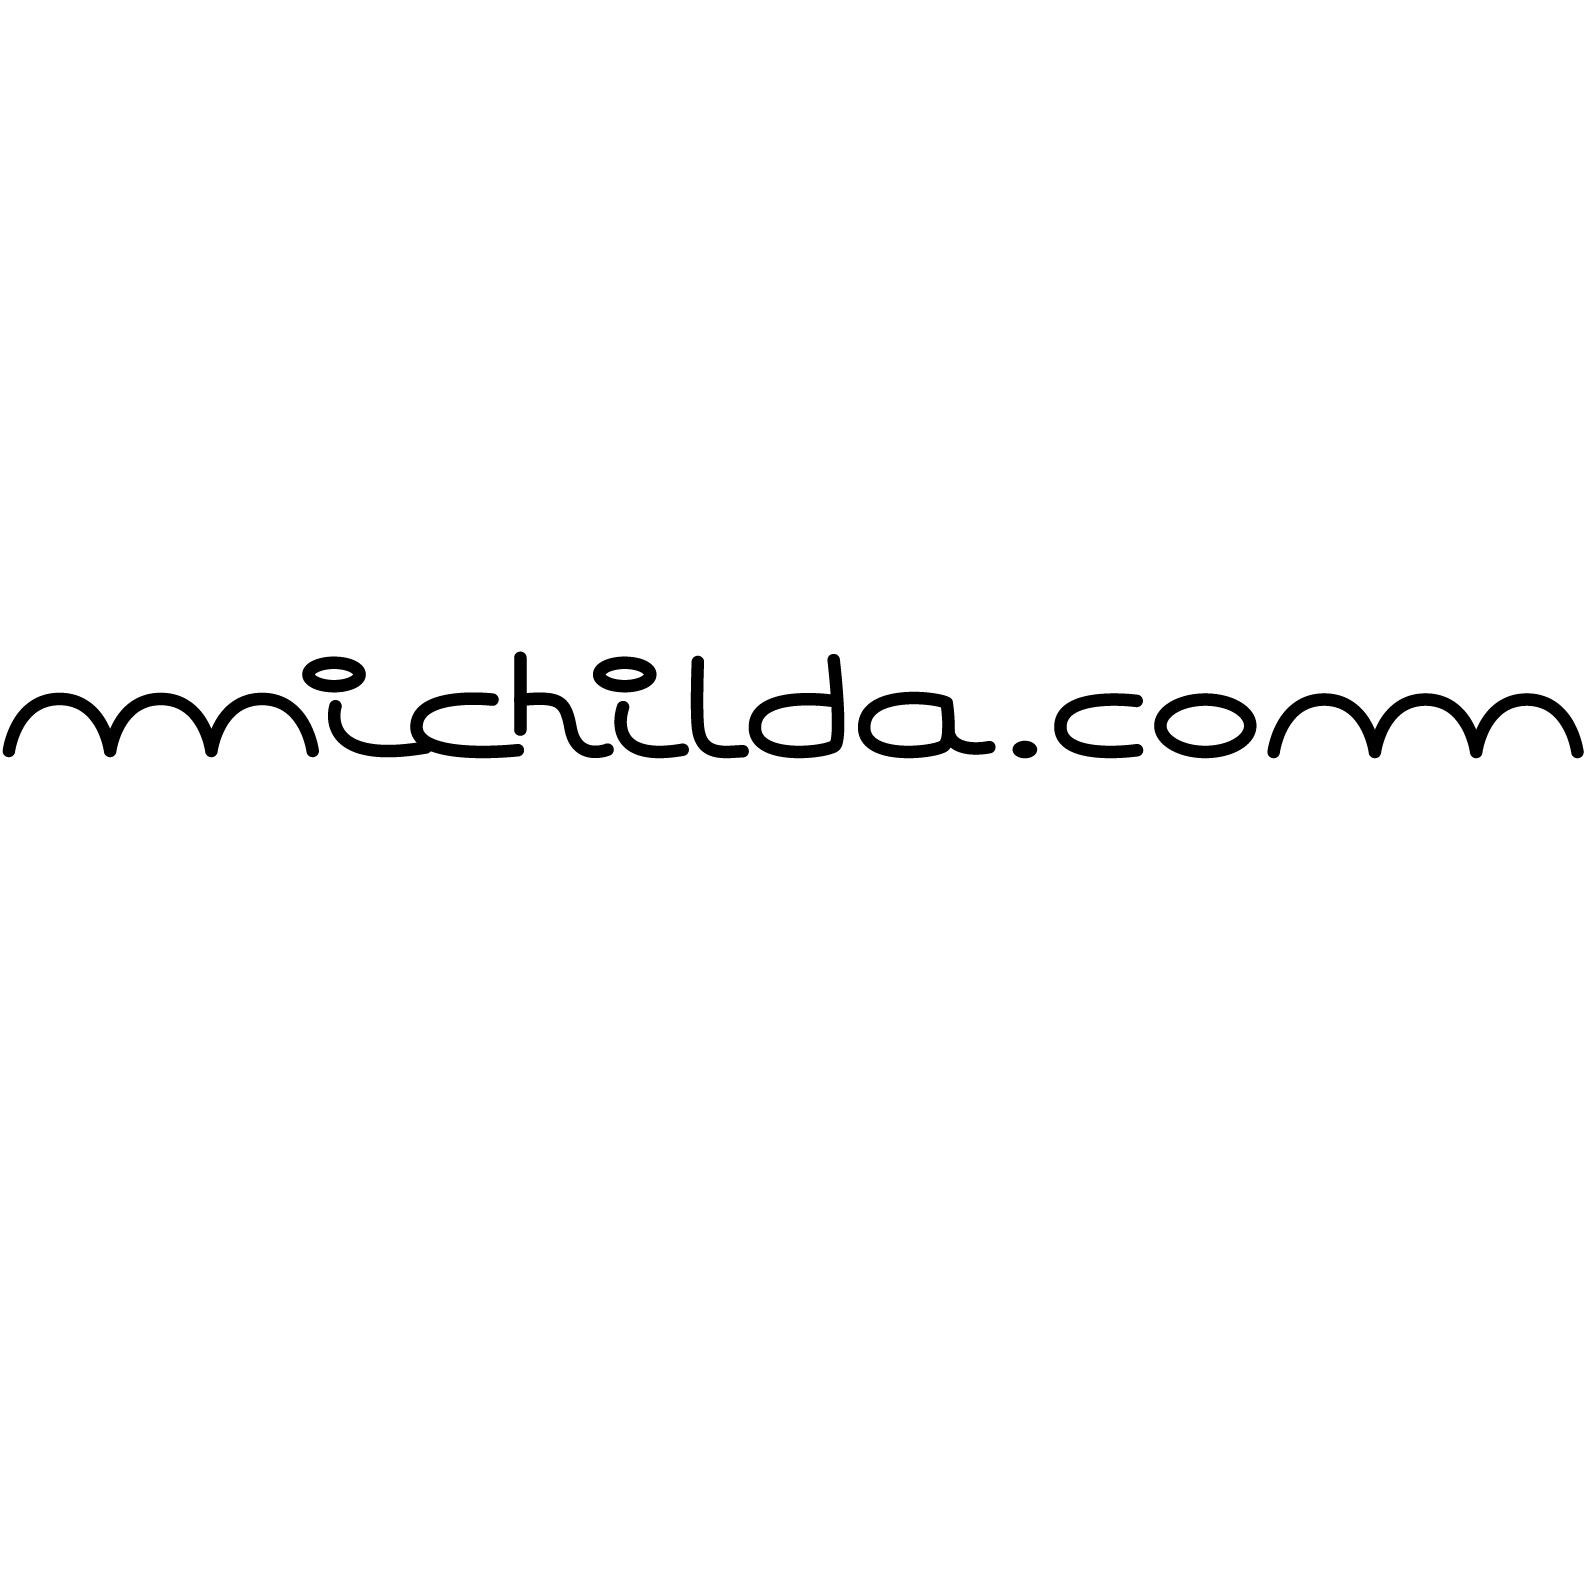 Logo Mirco Sabino Ciccola - Cliente Citynet Srl